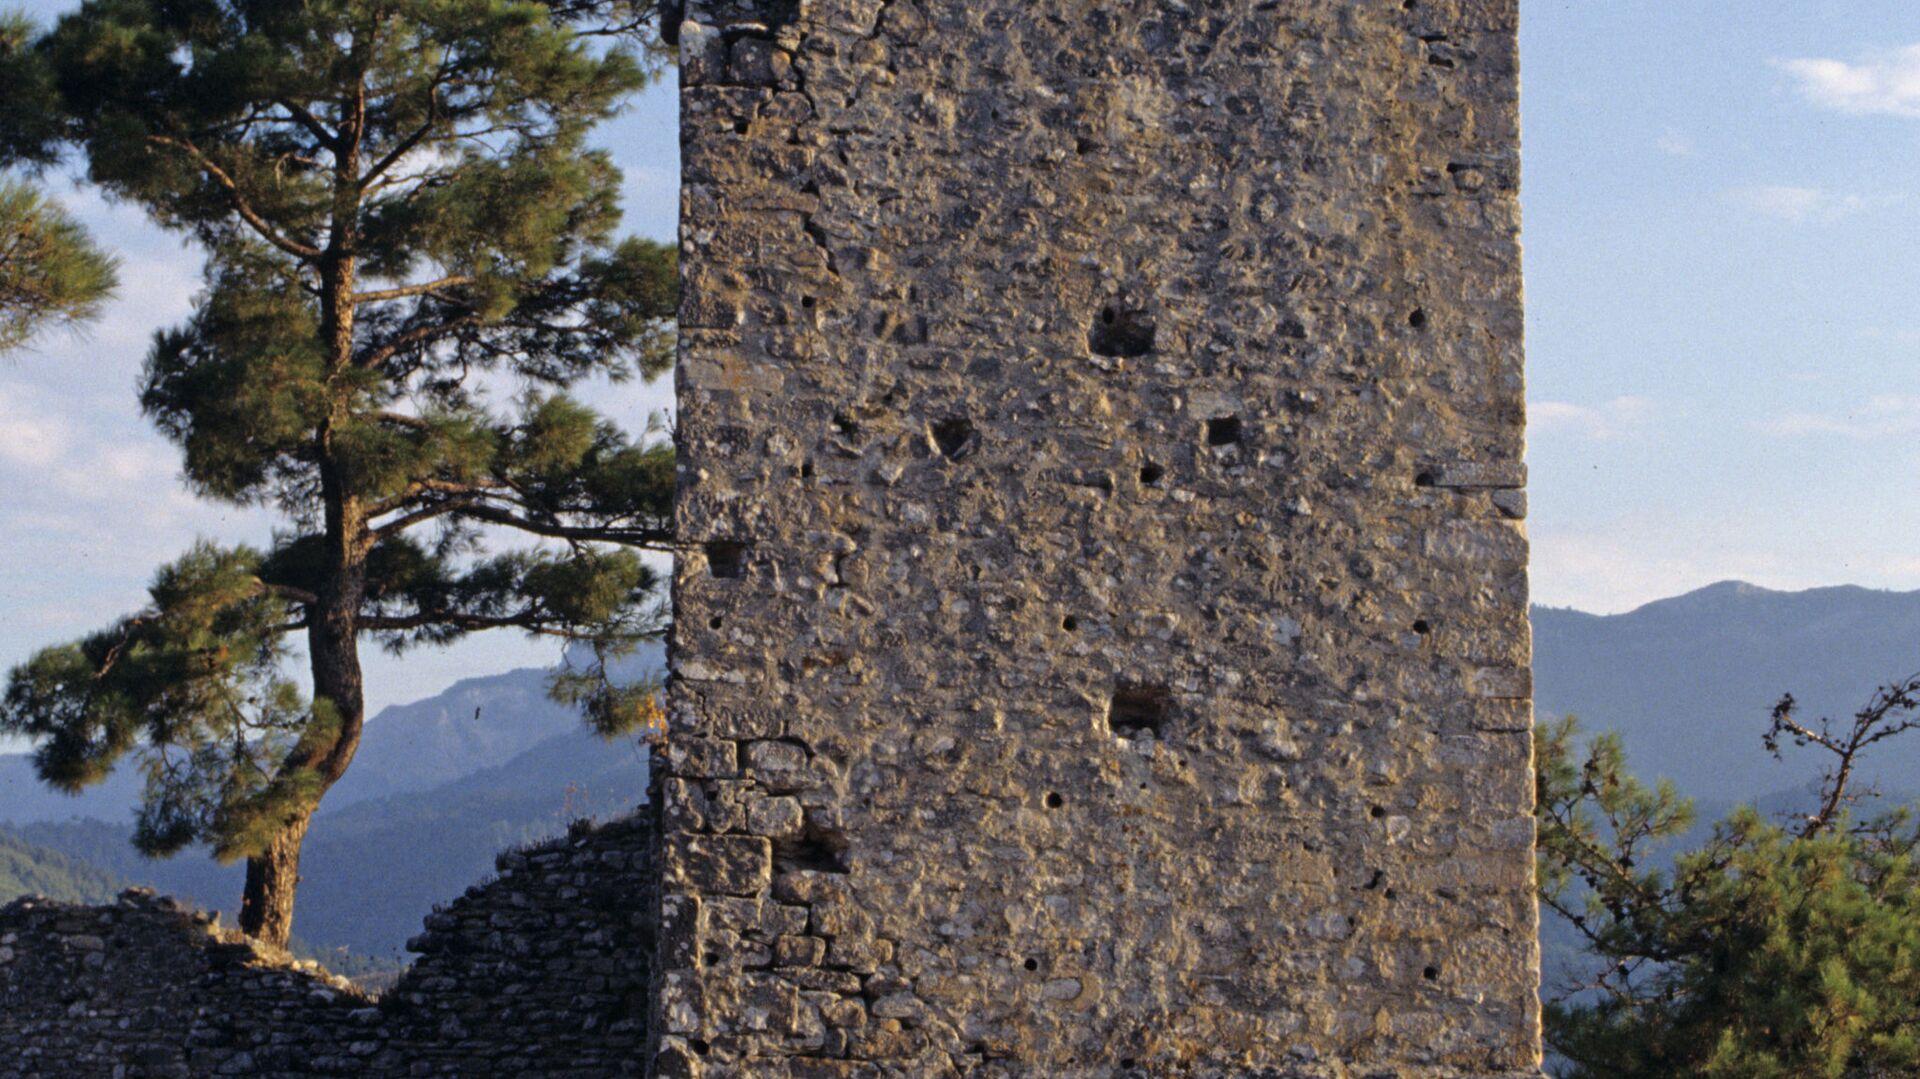 Развалины старинного замка на острове Тассос. - Sputnik Արմենիա, 1920, 19.06.2021